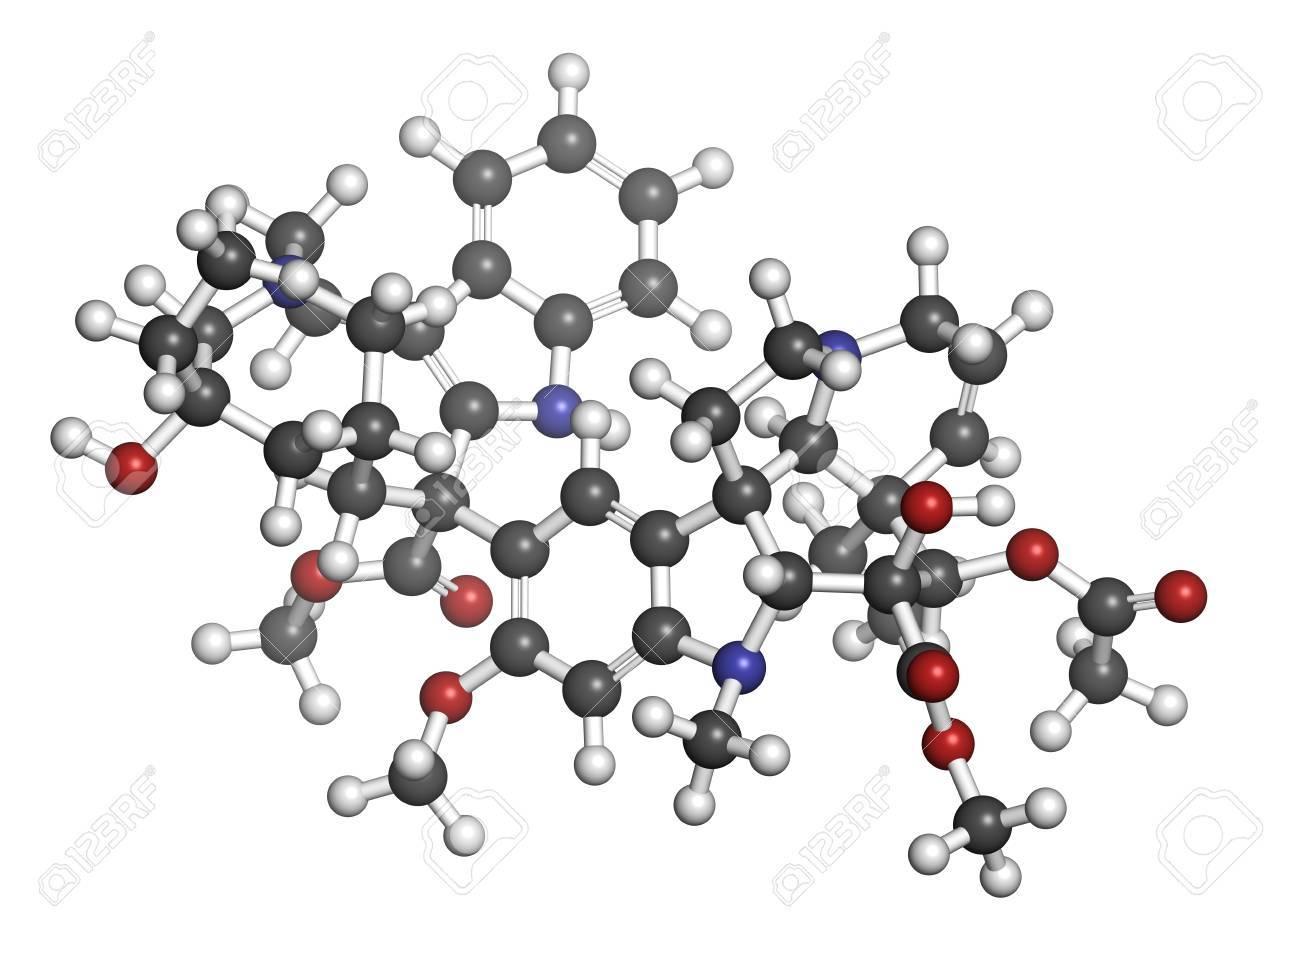 ビンブラスチン癌化学療法薬、化学構造。原子は従来色の球体として表 ...